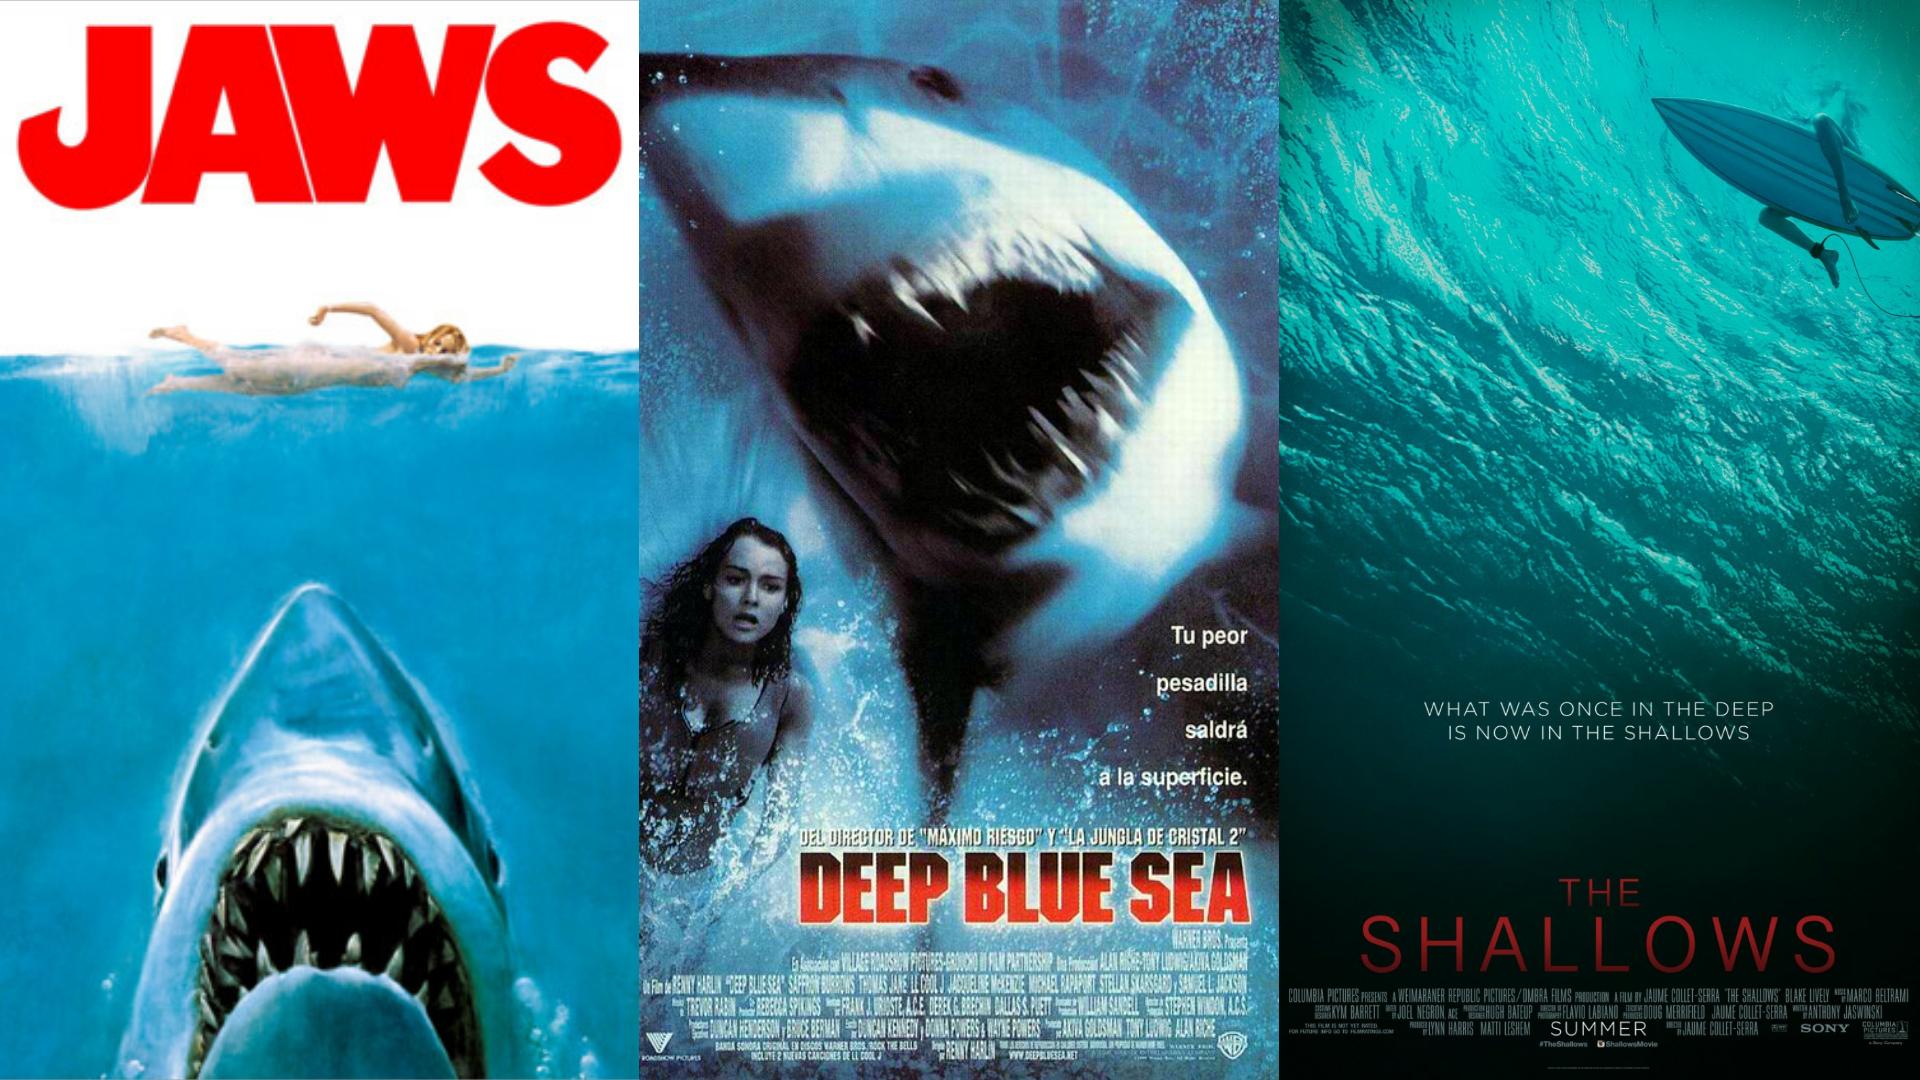 pósters de películas